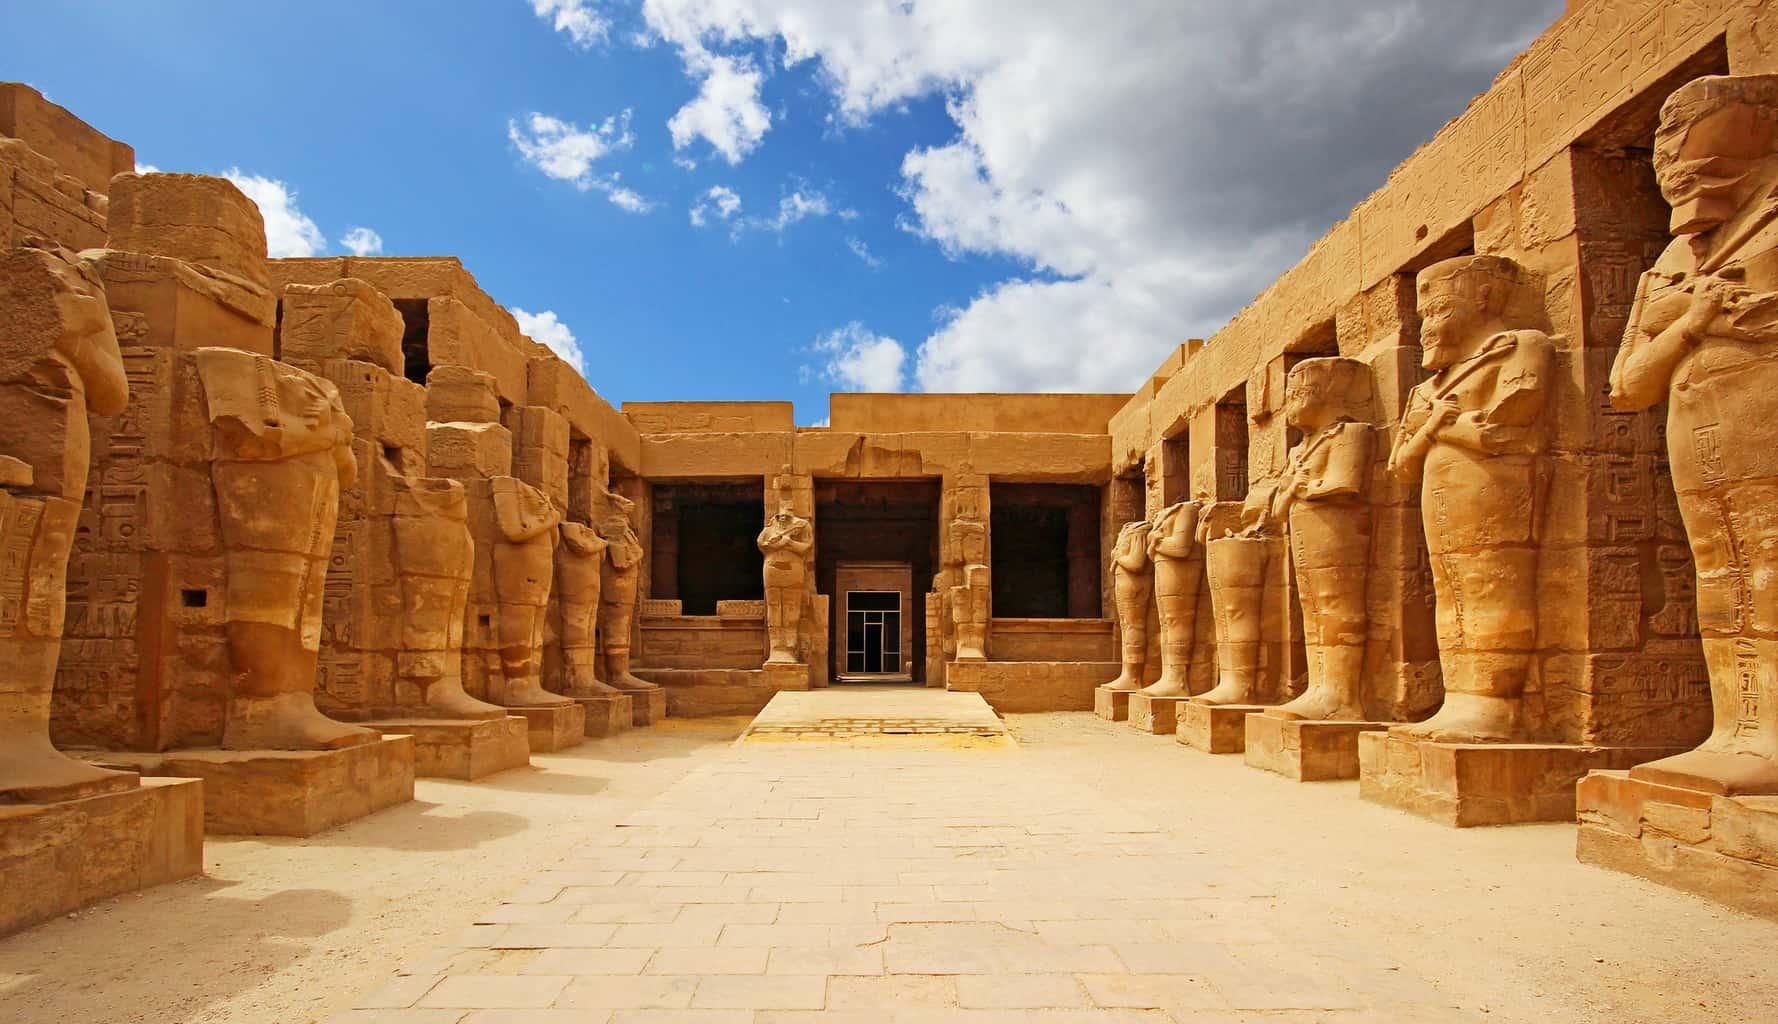 O-Templo-de-Karnak-é-o-maior-templo-construído-no-Egito-e-uma-das-principais-atrações-de-Luxor.